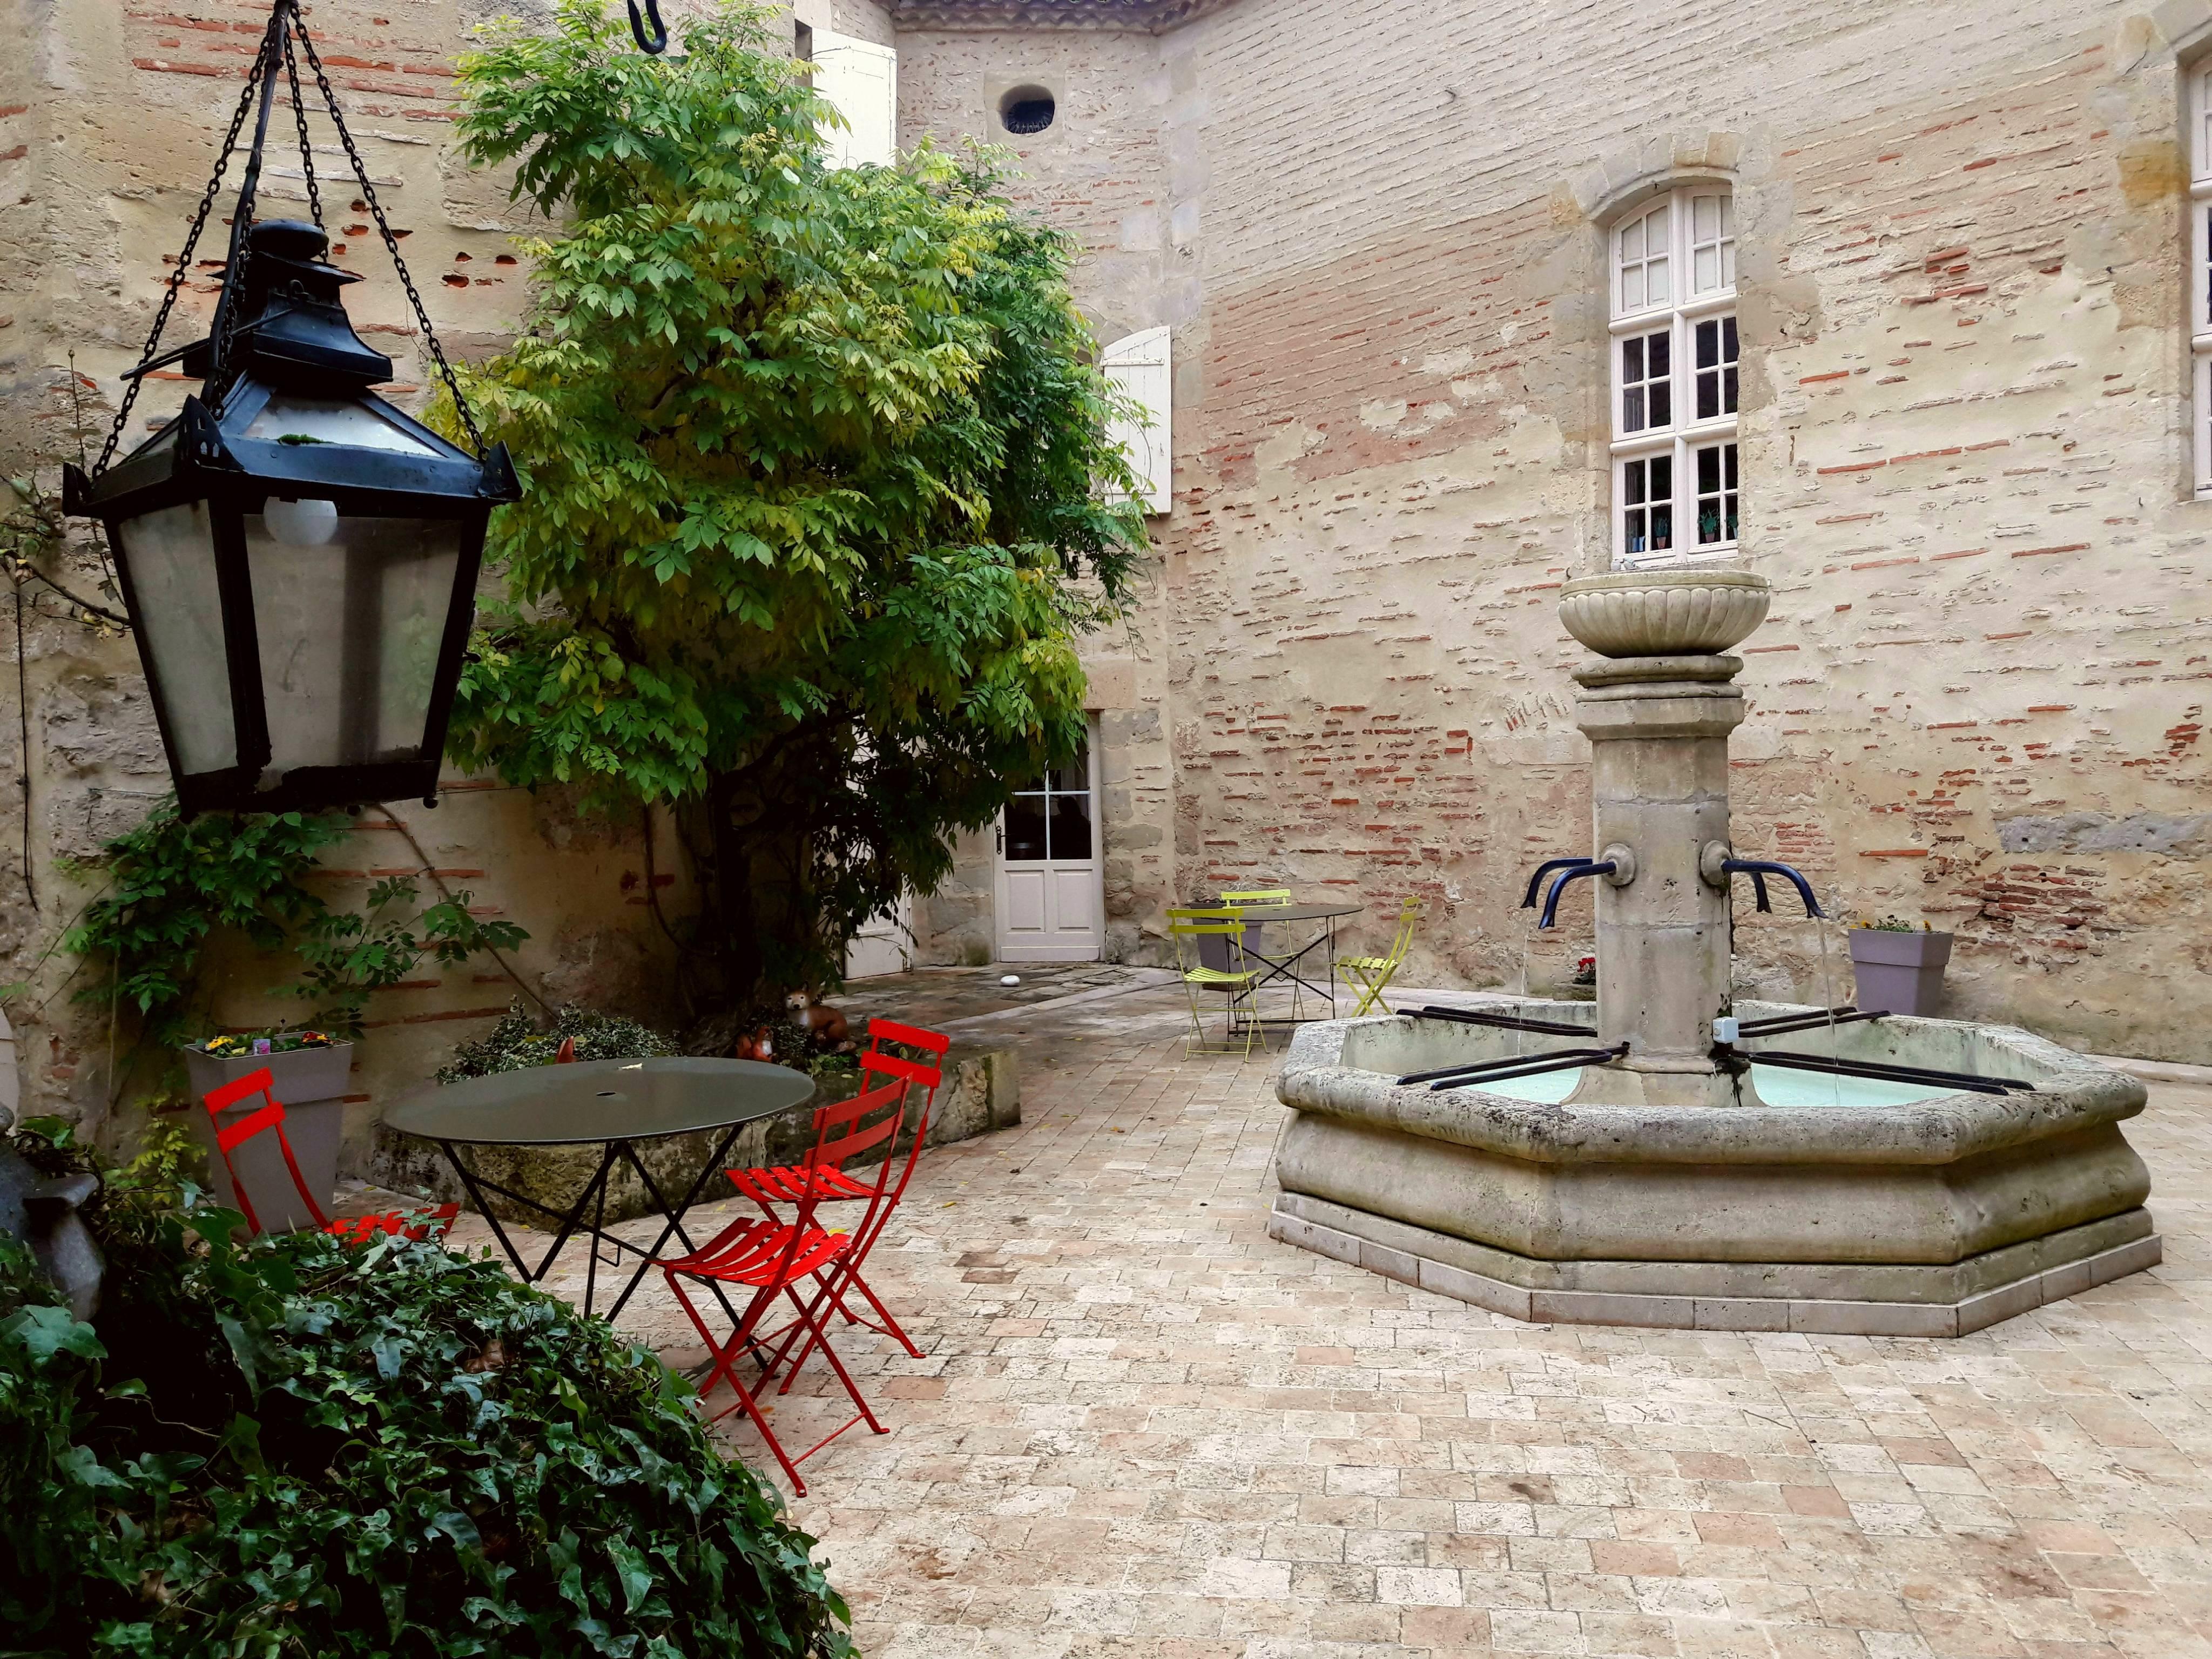 Photo 3: L'office de tourisme Val de Garonne, un office pas comme les autres